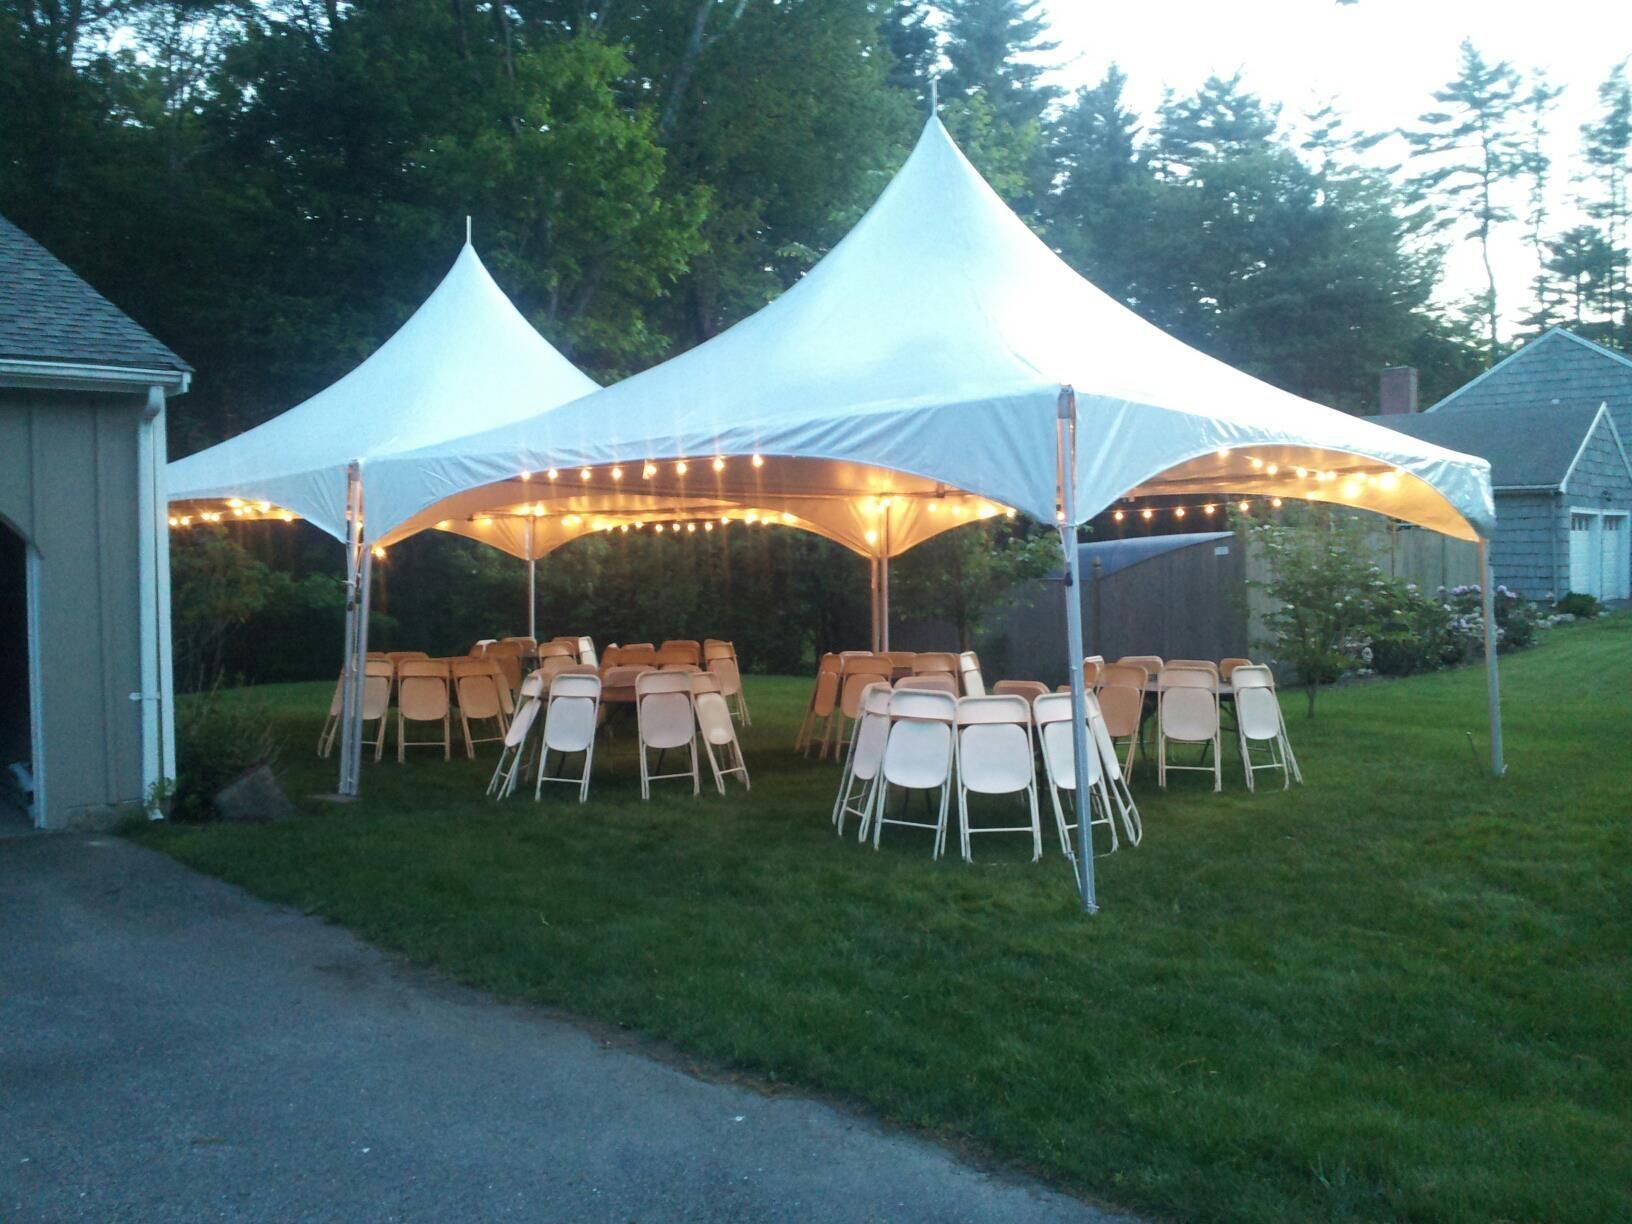 Backyard party tent rental flint mi backyard party tent